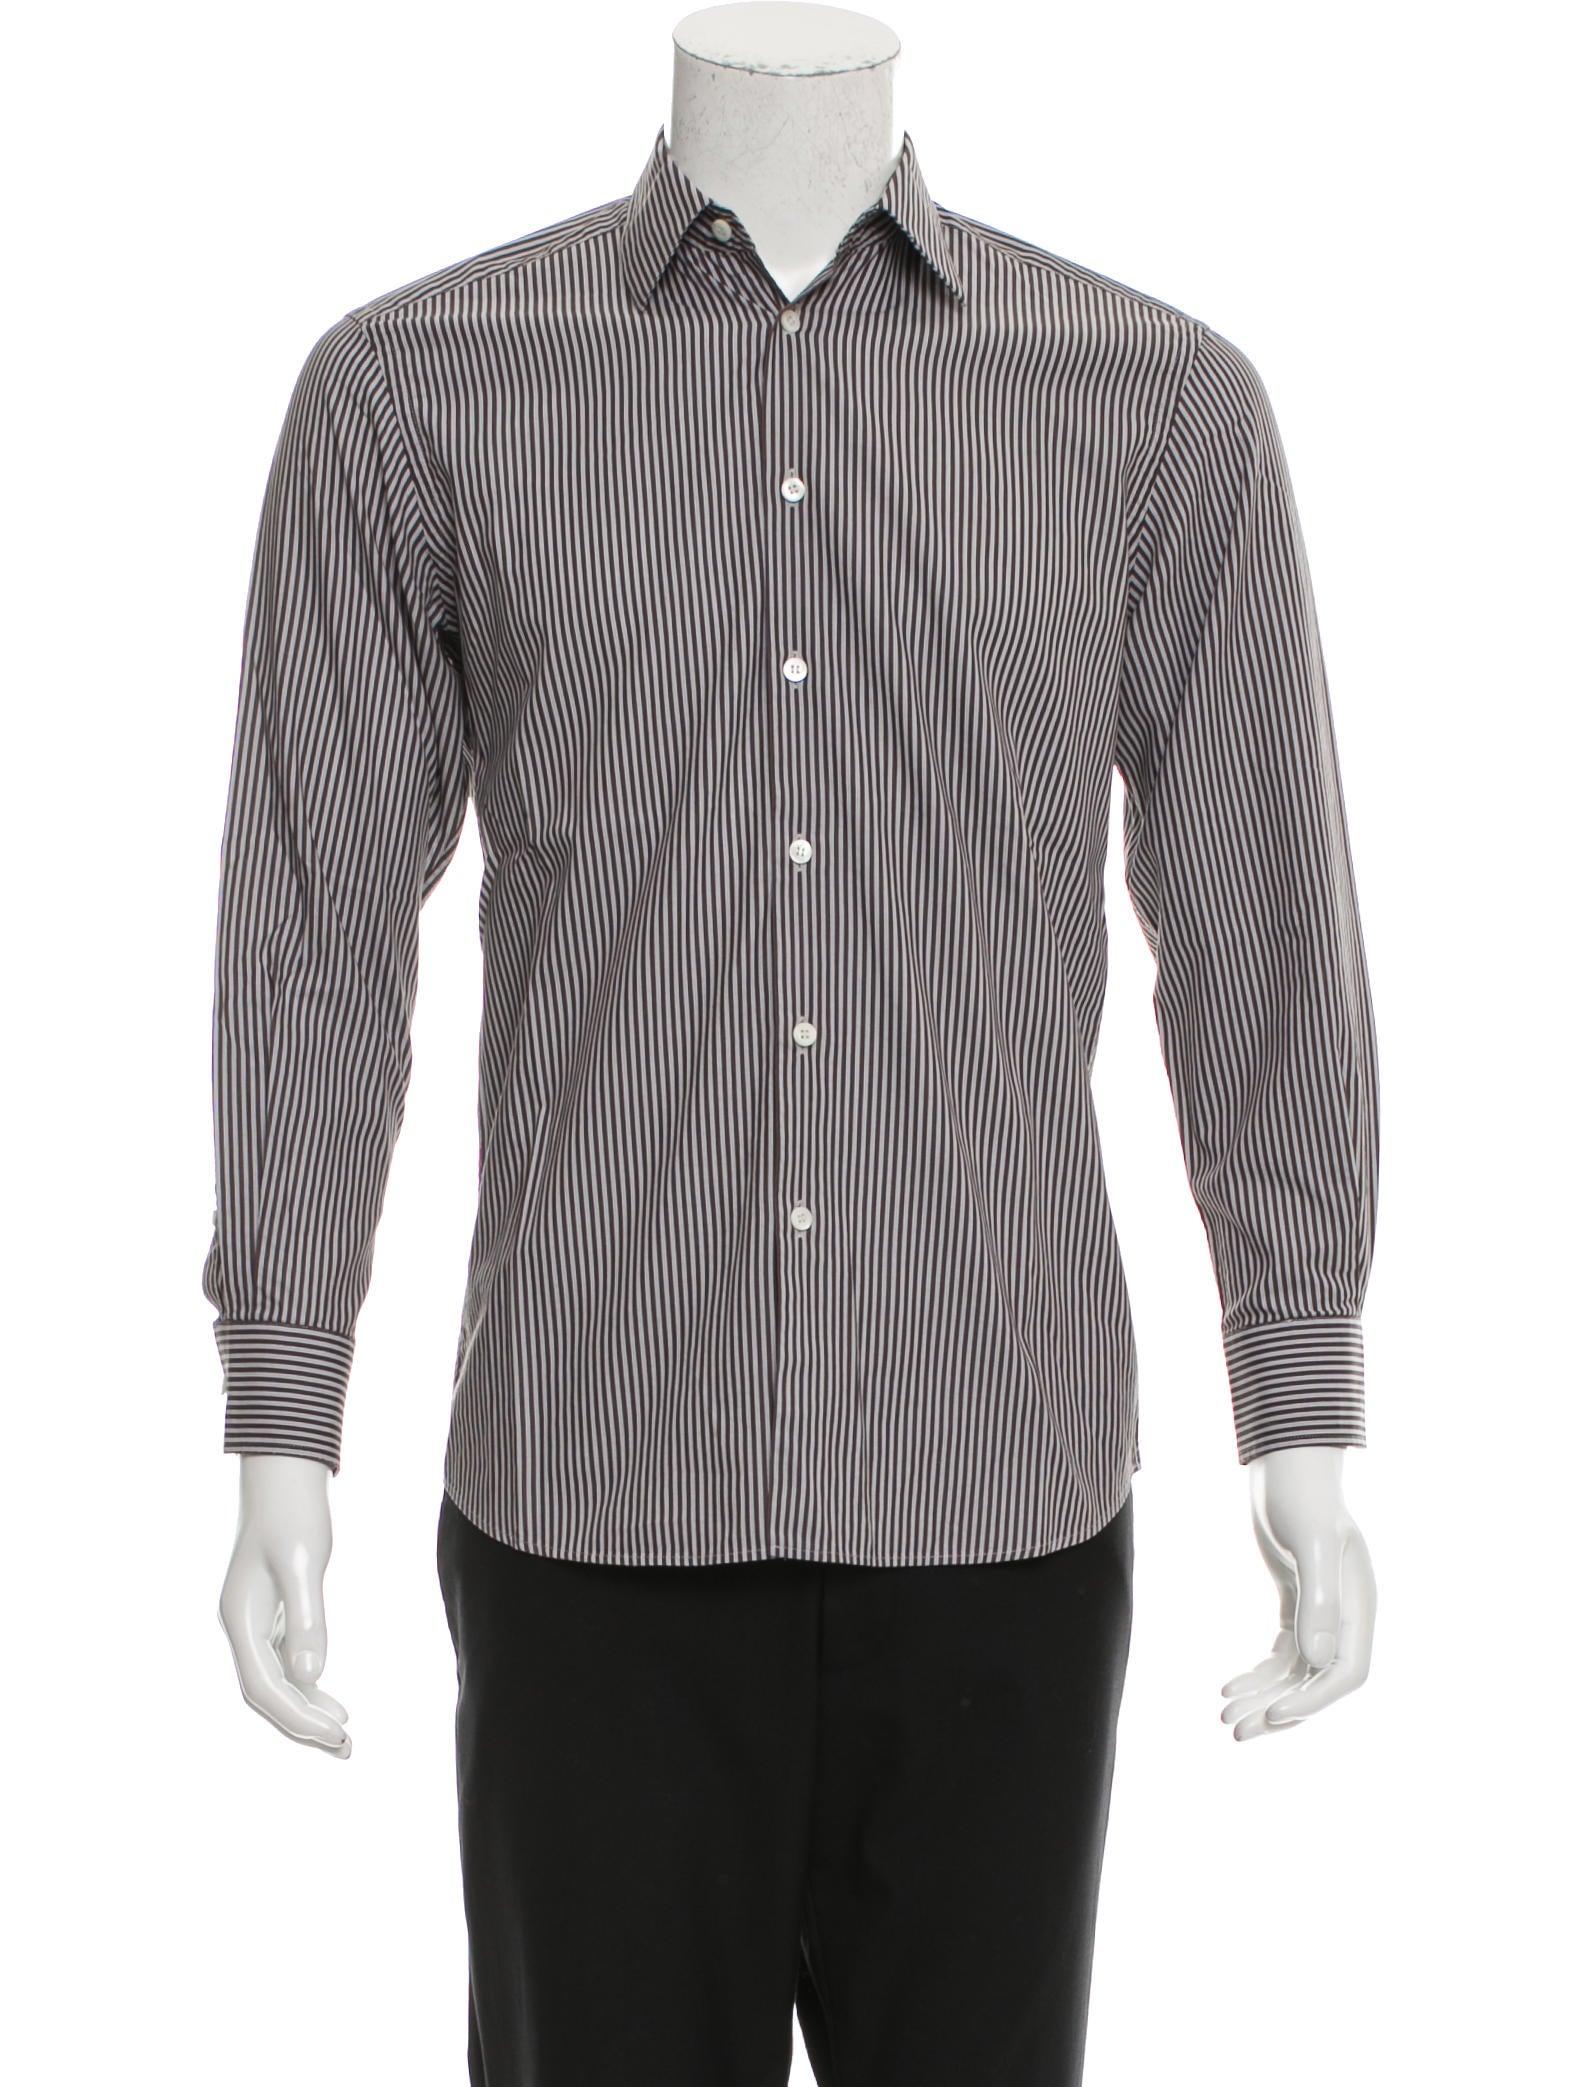 Prada striped button up shirt clothing pra154050 the for Striped button up shirt mens